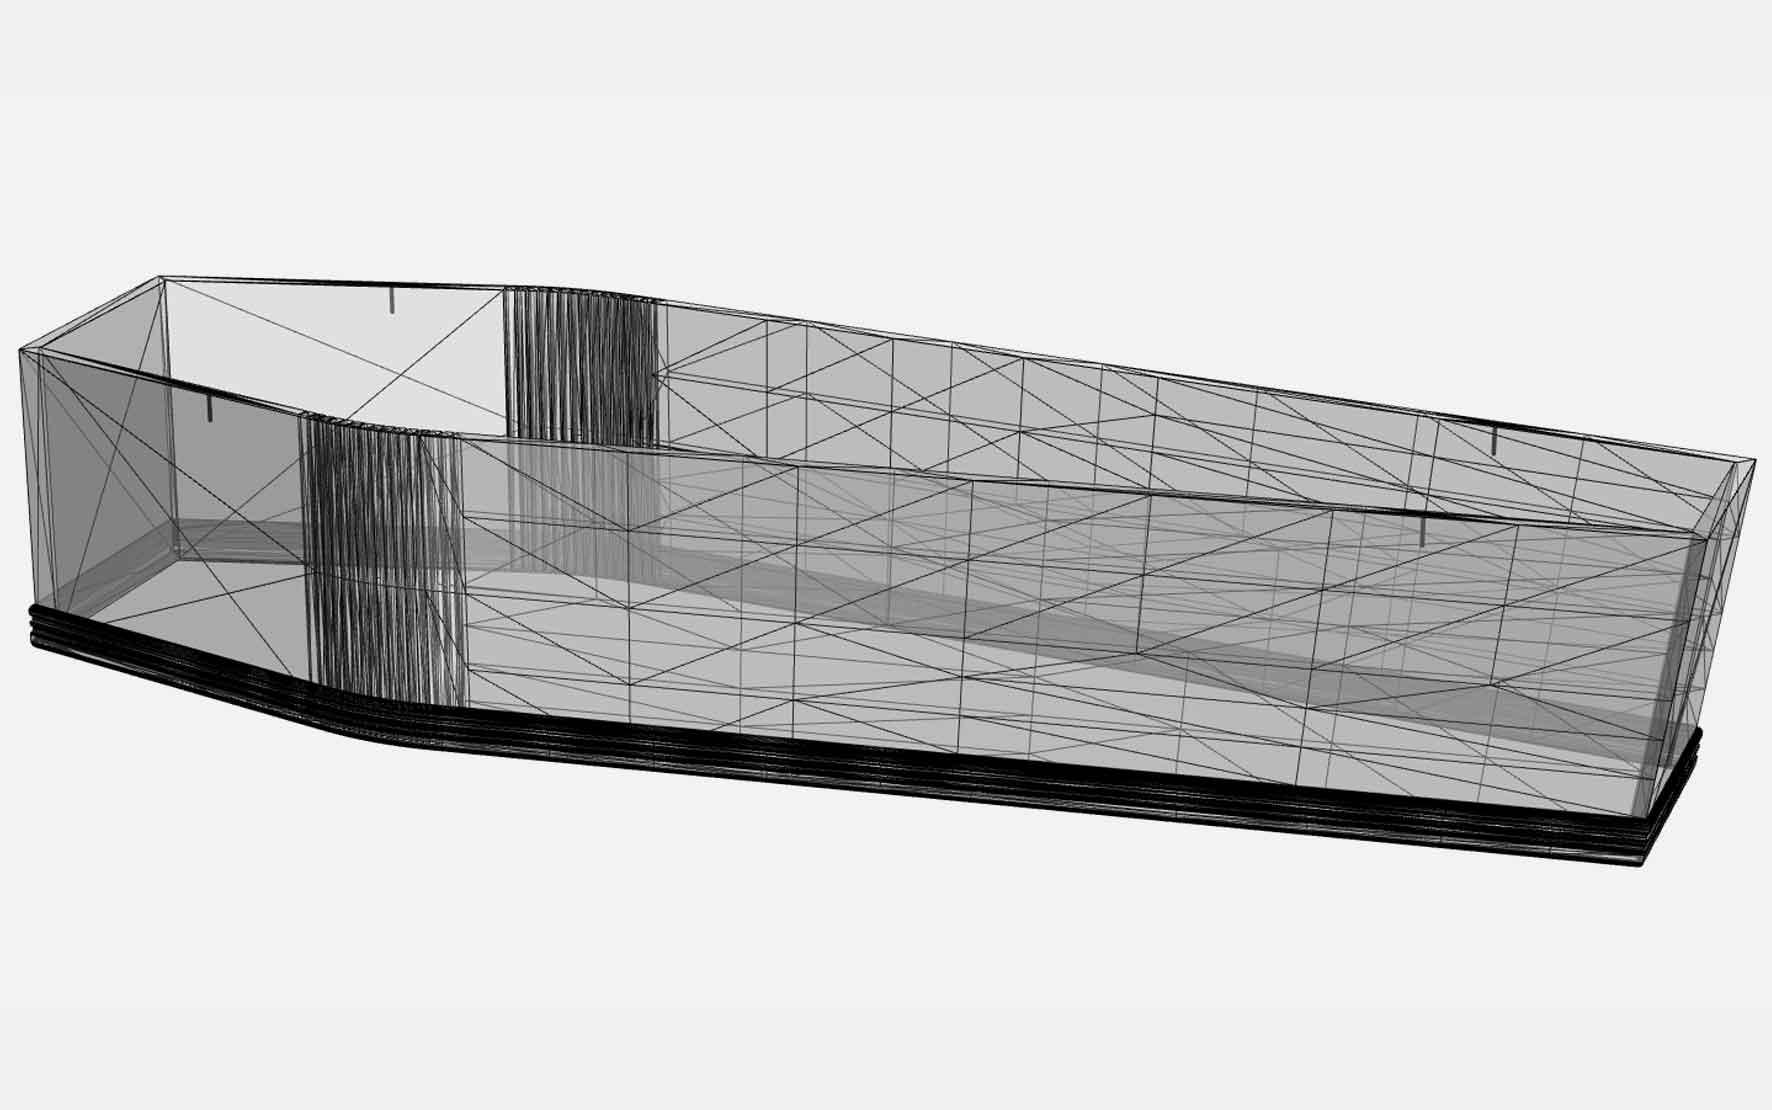 3D CAD drawing 1